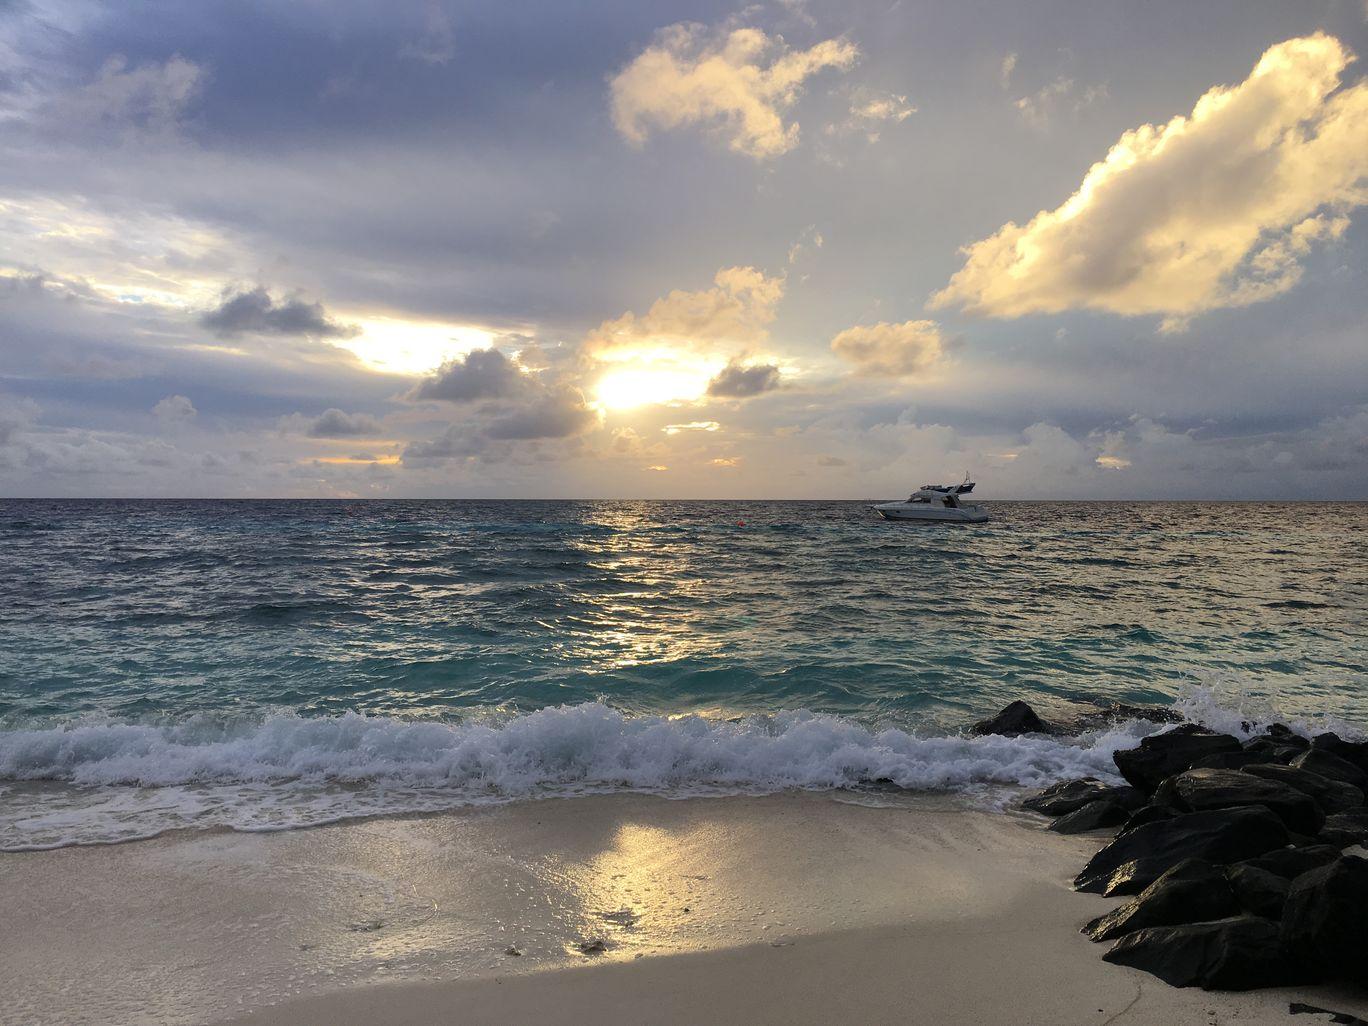 Photo of Maldives By Sonam Agarwal